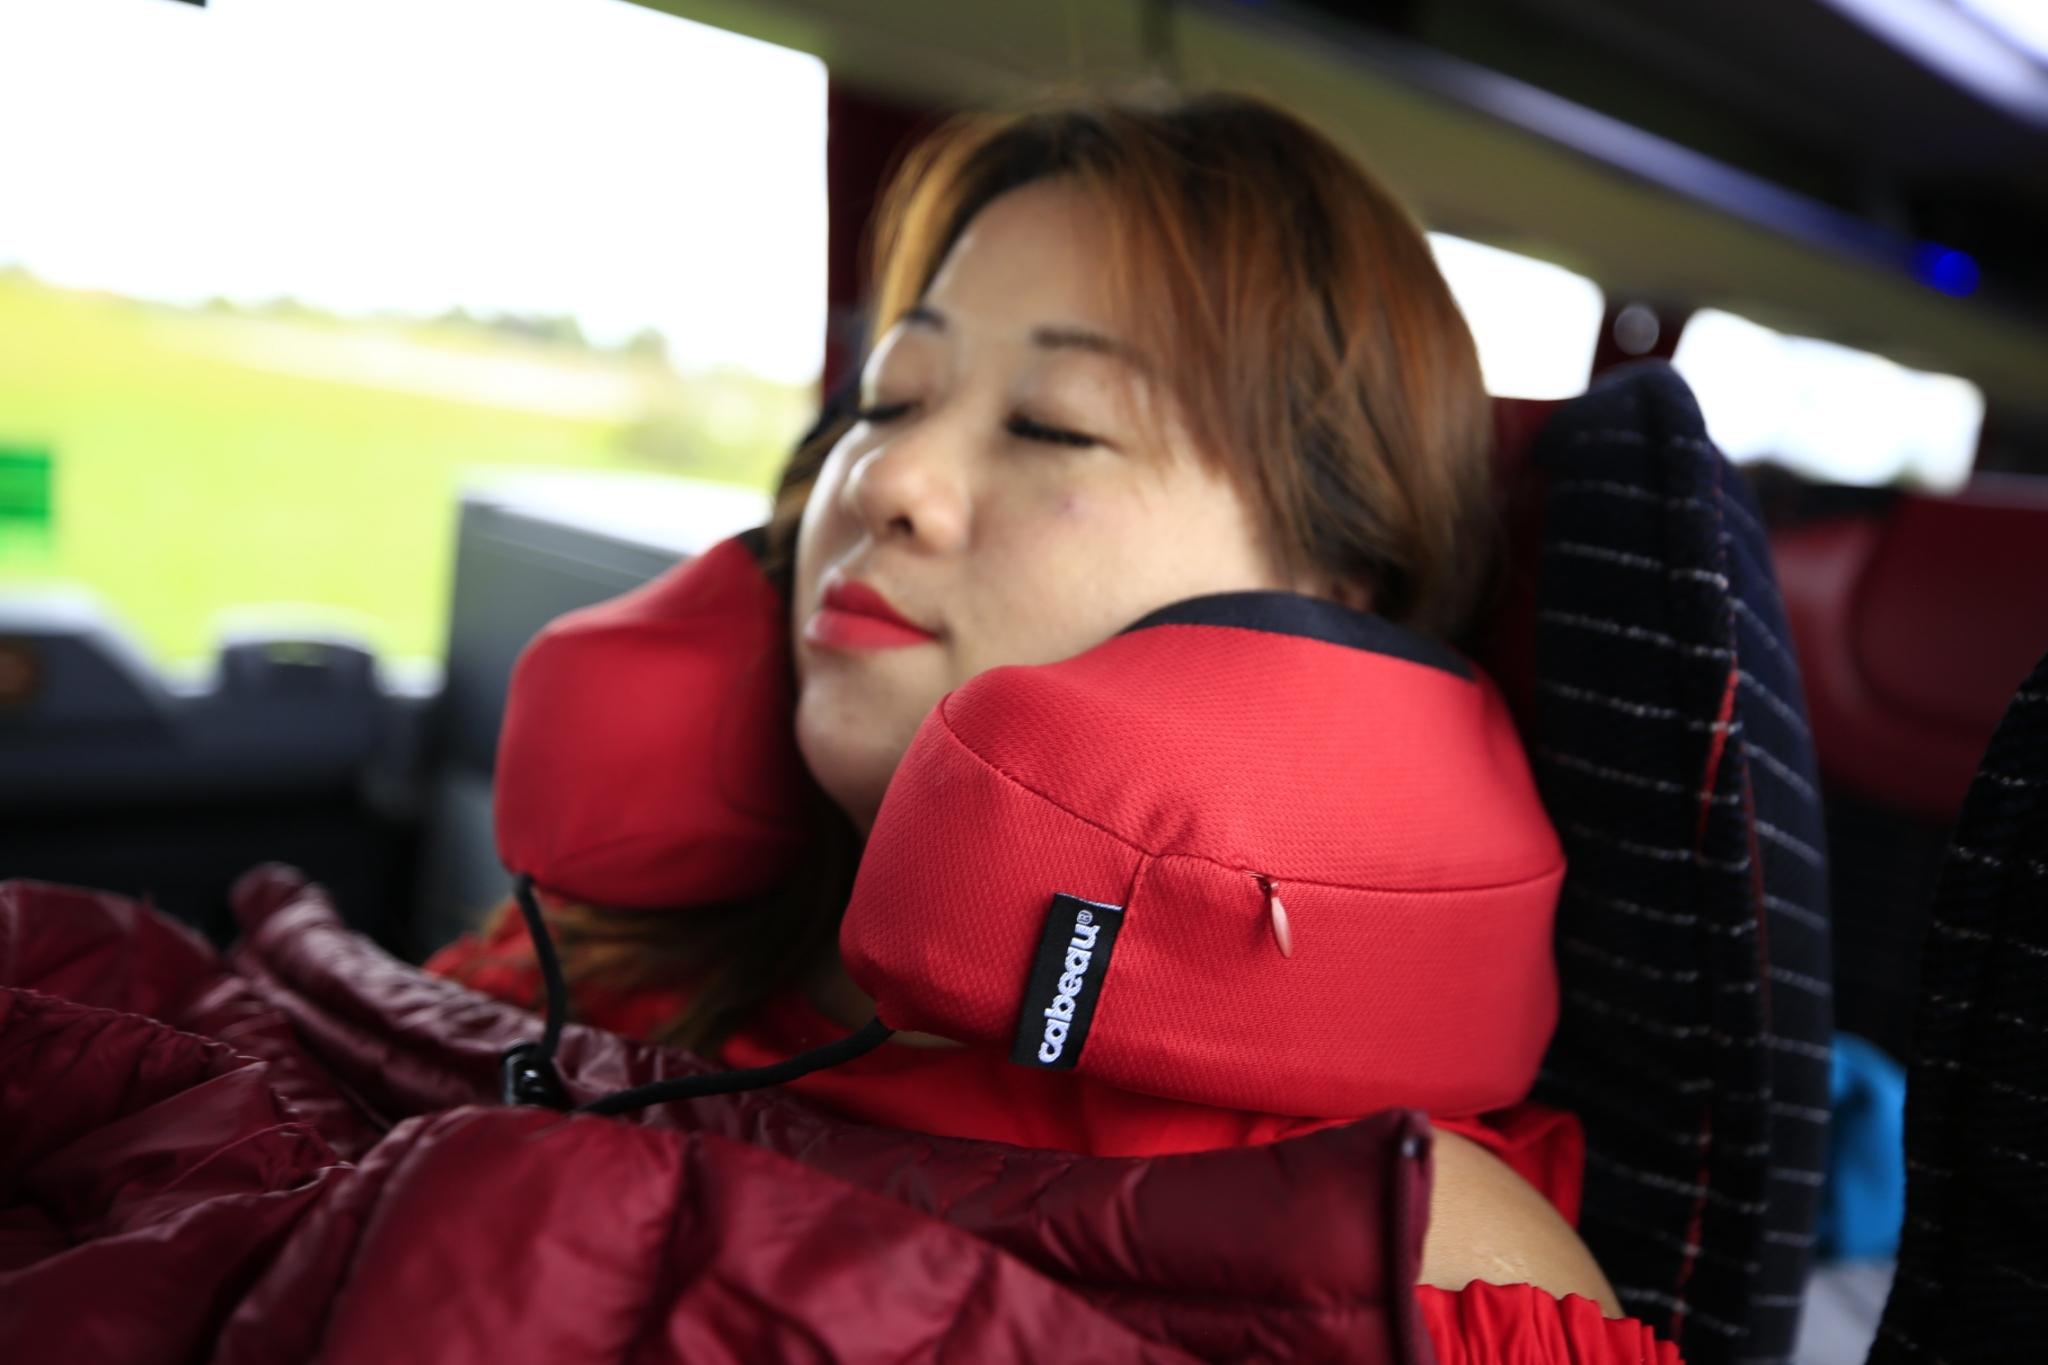 旅行團購好物-Cabeau二代頸枕 x Cabin後背包-最好的旅伴是你,伴隨著我東征西討相隨而去 @民宿女王芽月-美食.旅遊.全台趴趴走